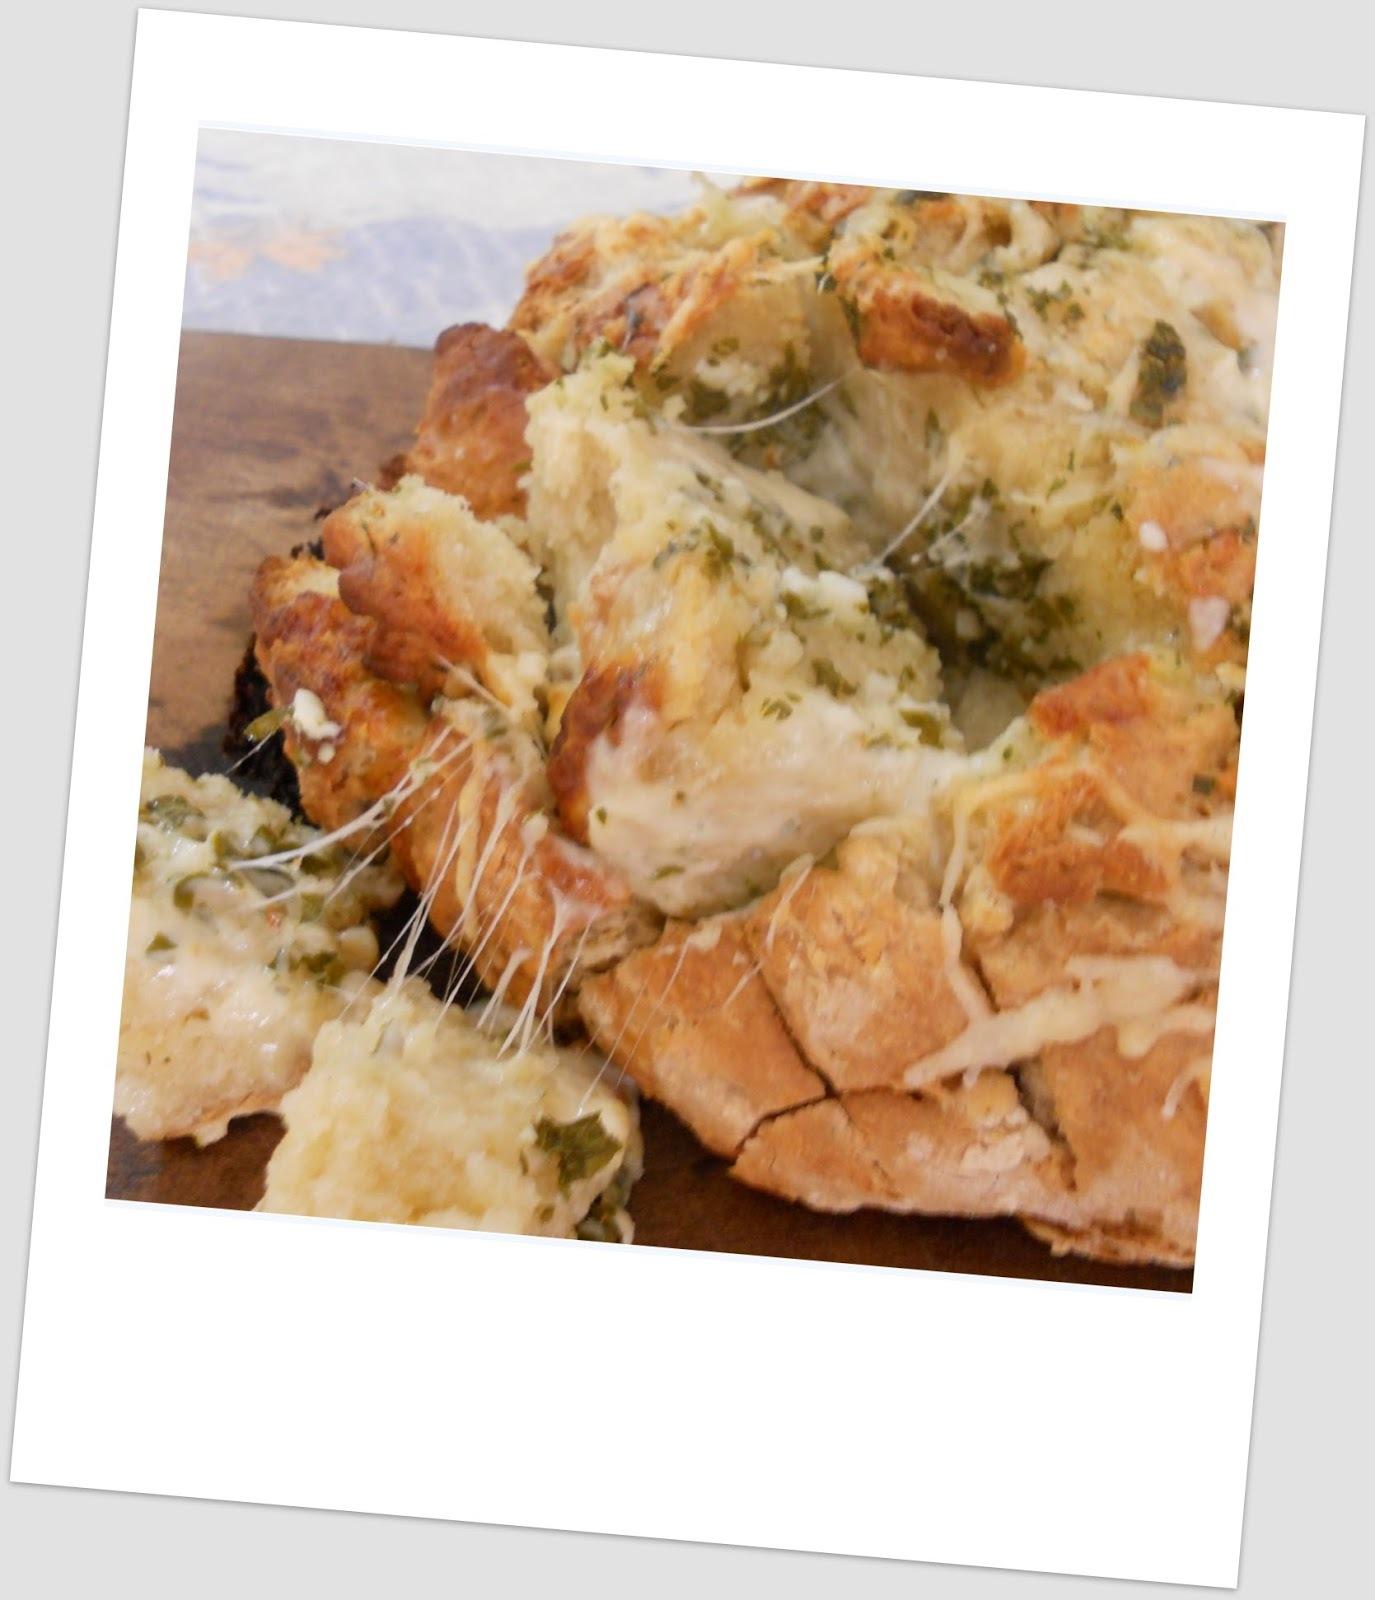 Pan de soda irlandés (irish soda bread)  a la provenzal y con gratín de queso ... La recepta del 15 se despide